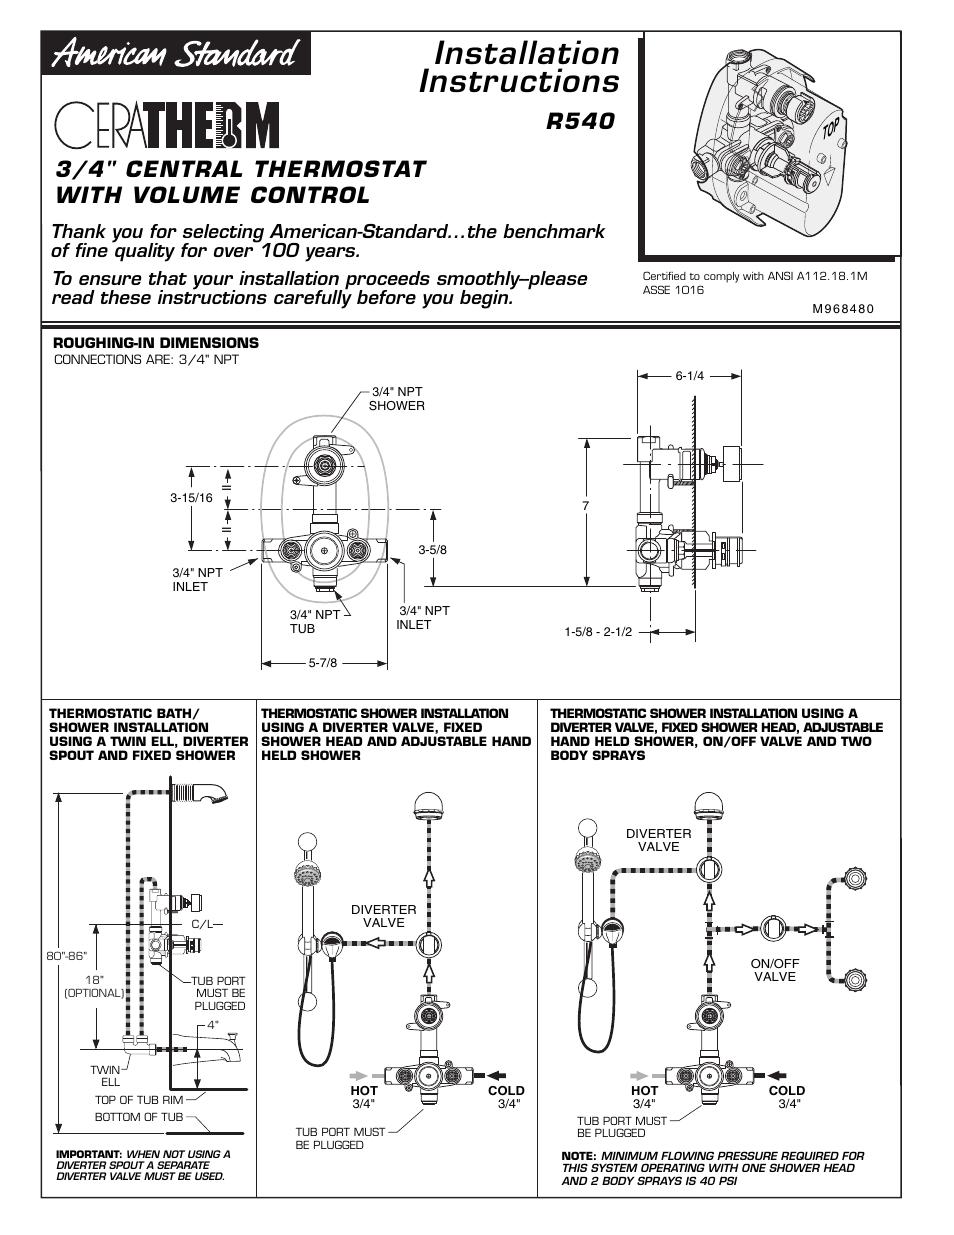 ceratherm r540 installation instructions r540 american standard rh manualsdir com american standard acont802as32daa user manual american standard furnace user manual